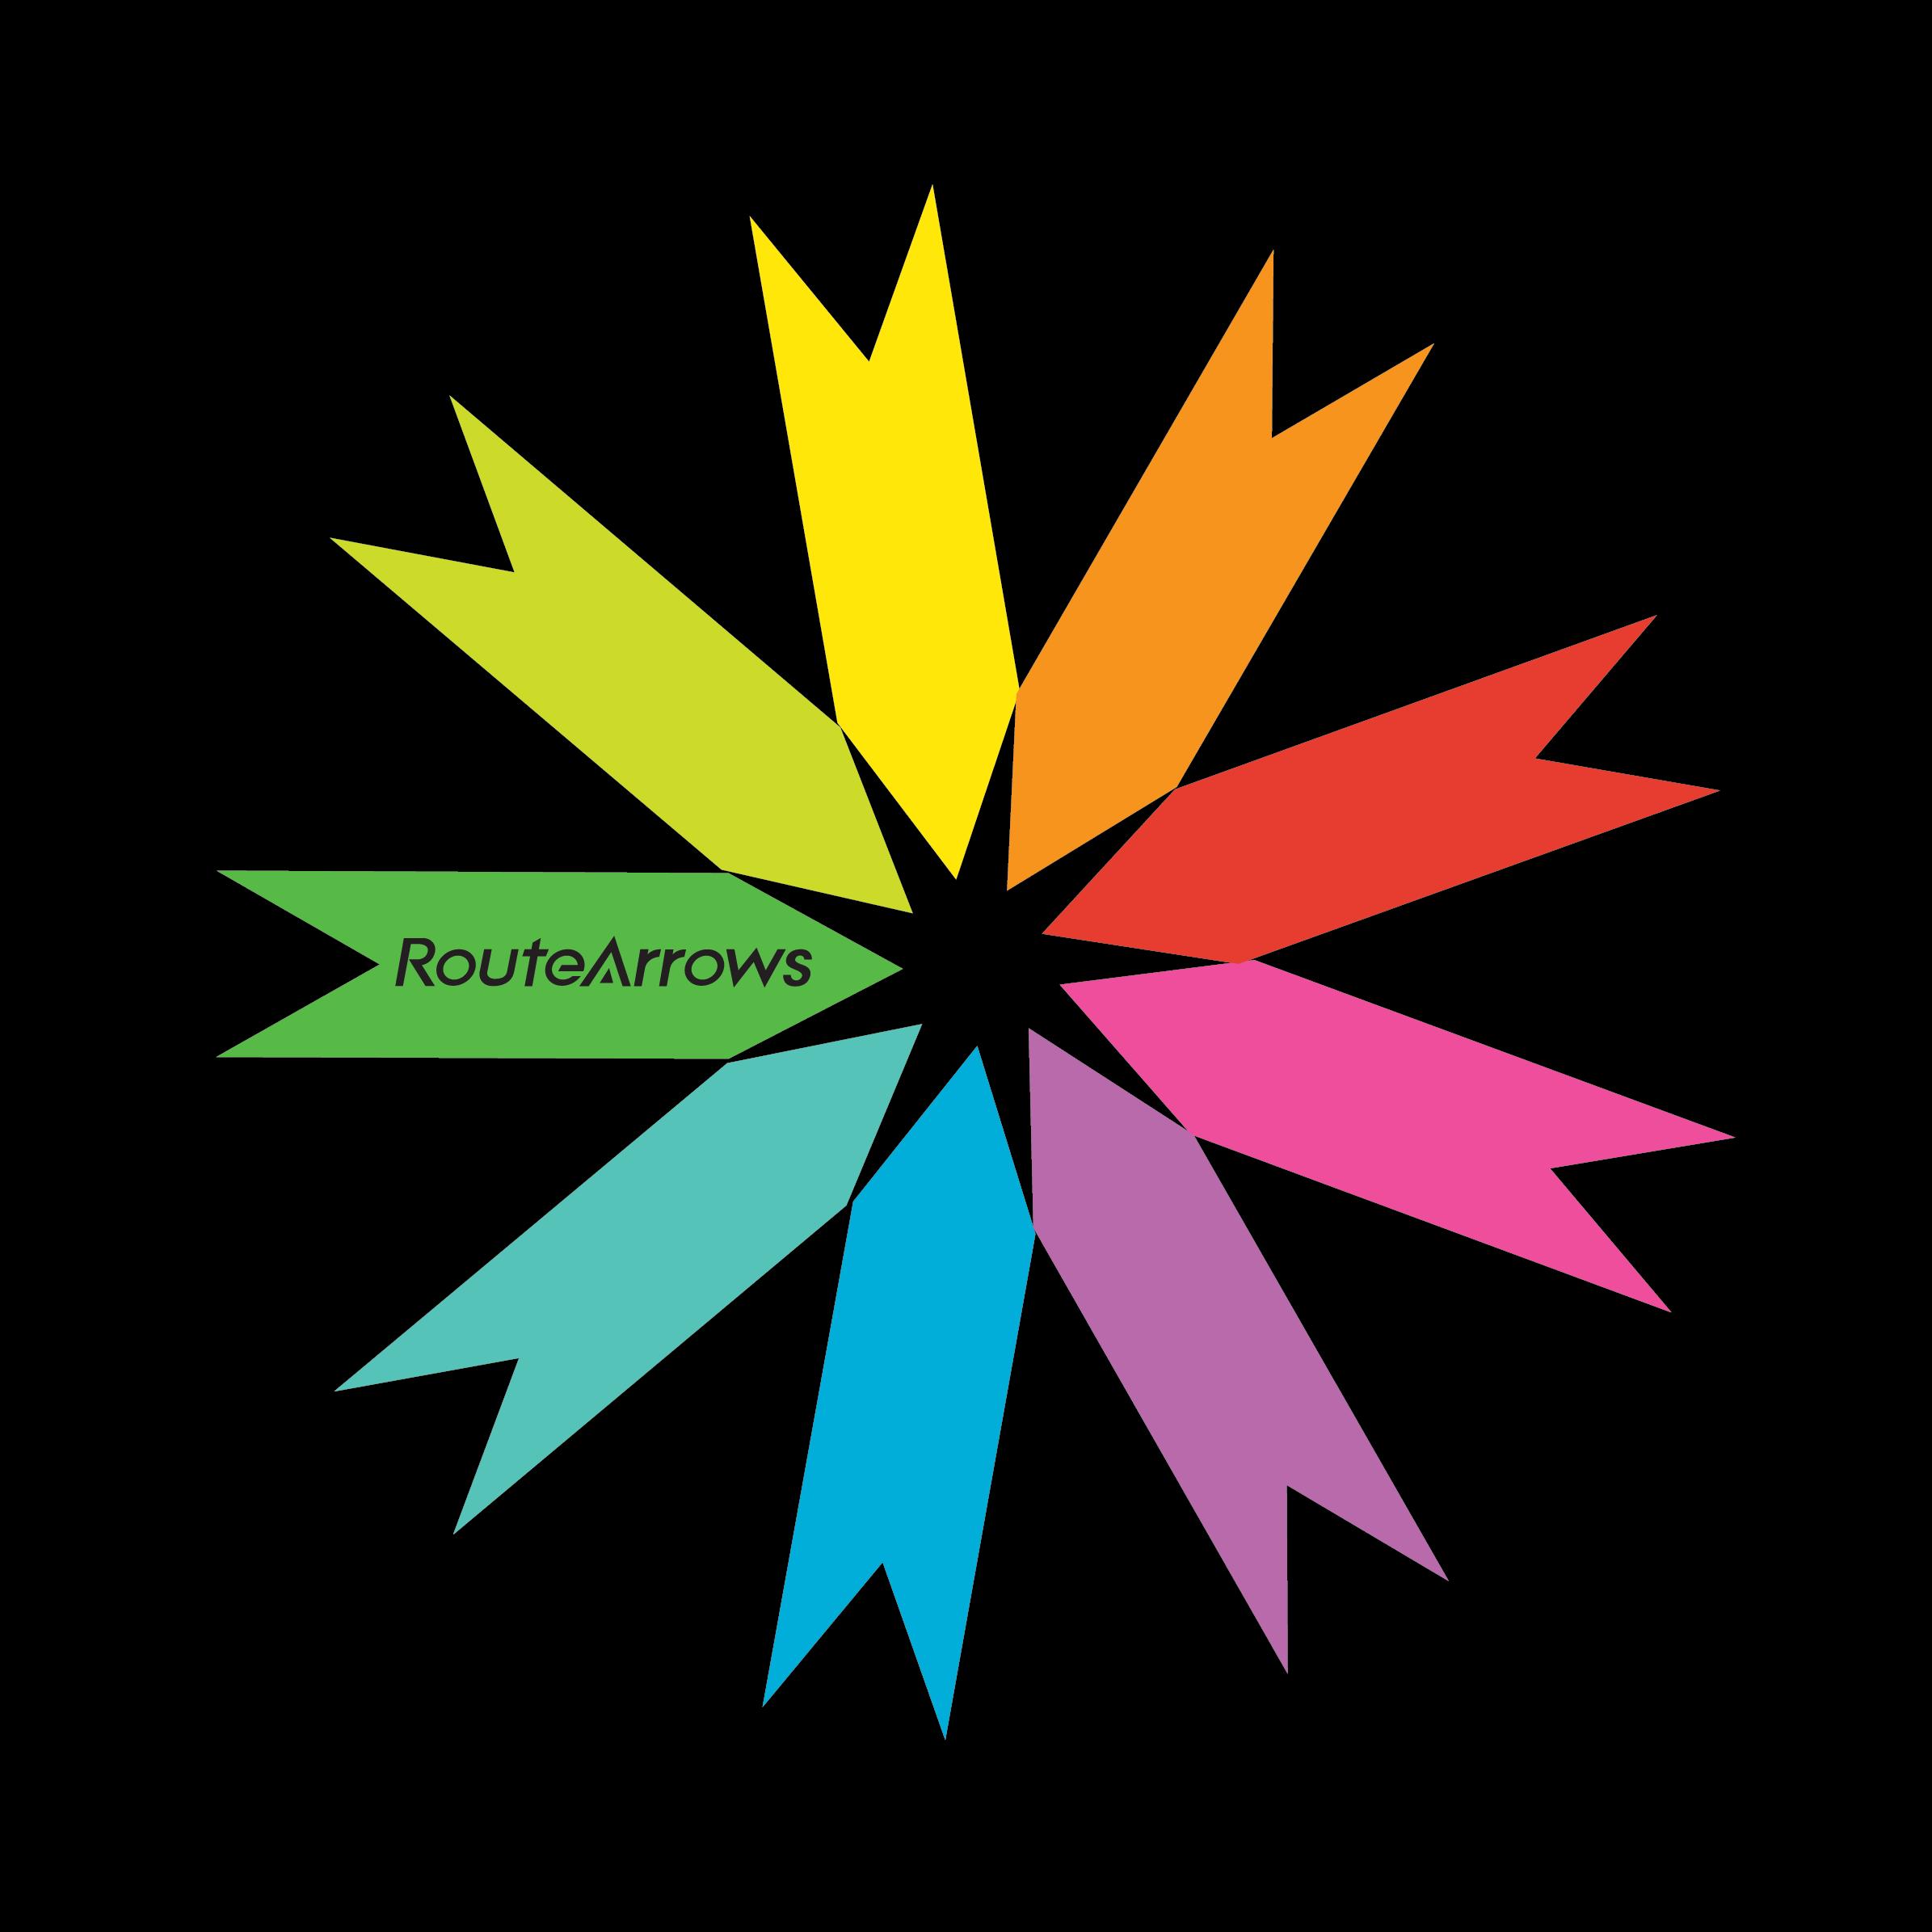 RouteArrows Star Logo